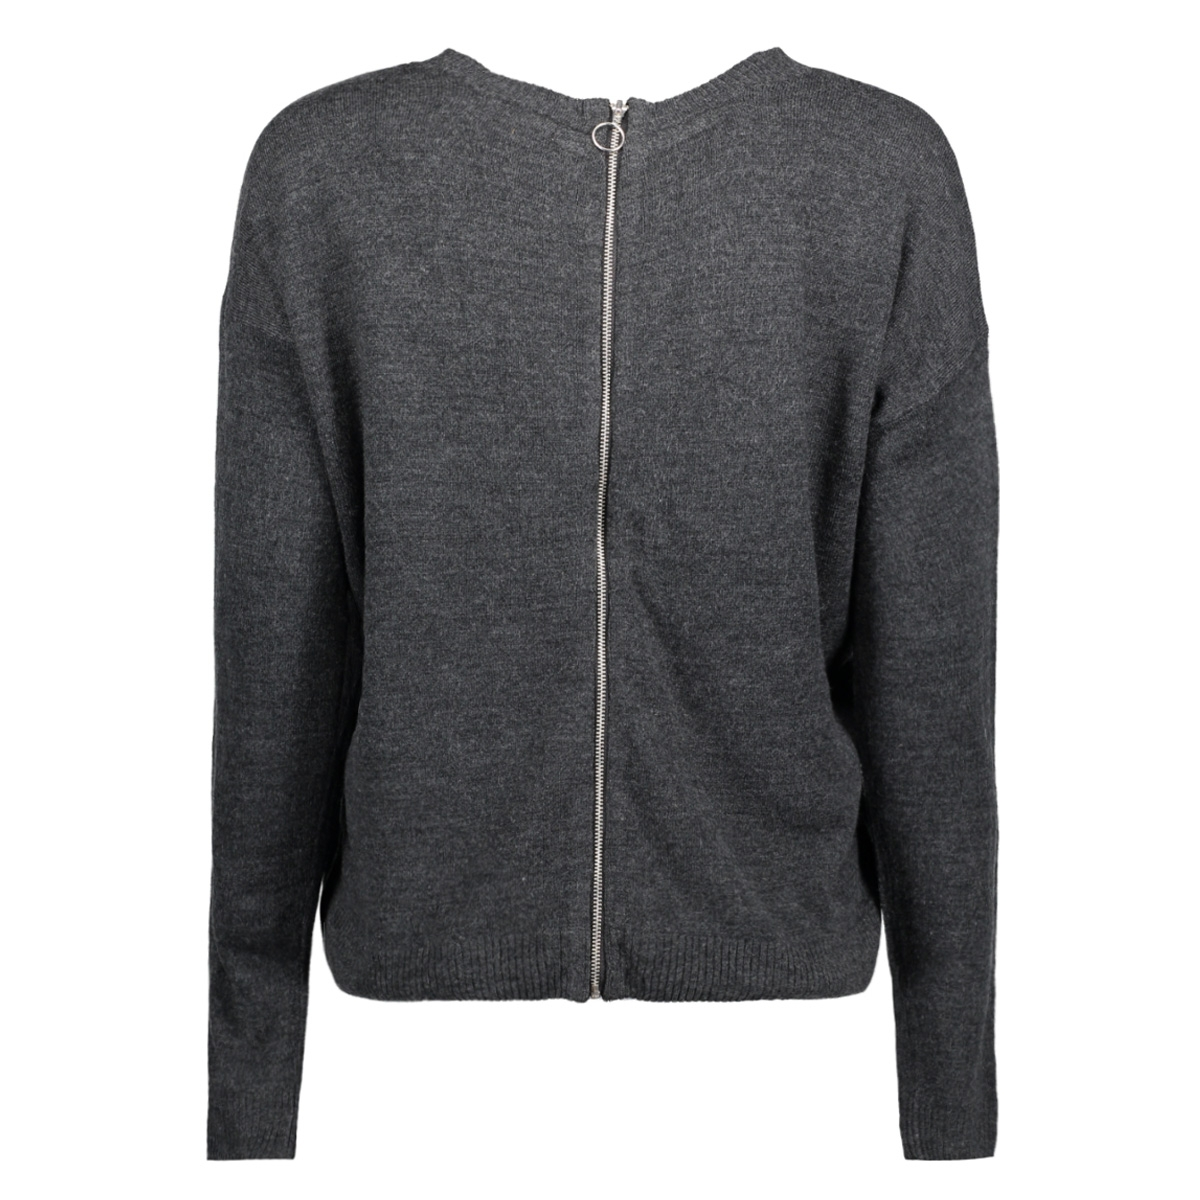 jdycox l/s zip pullover knt 15138654 jacqueline de yong trui dark grey melange